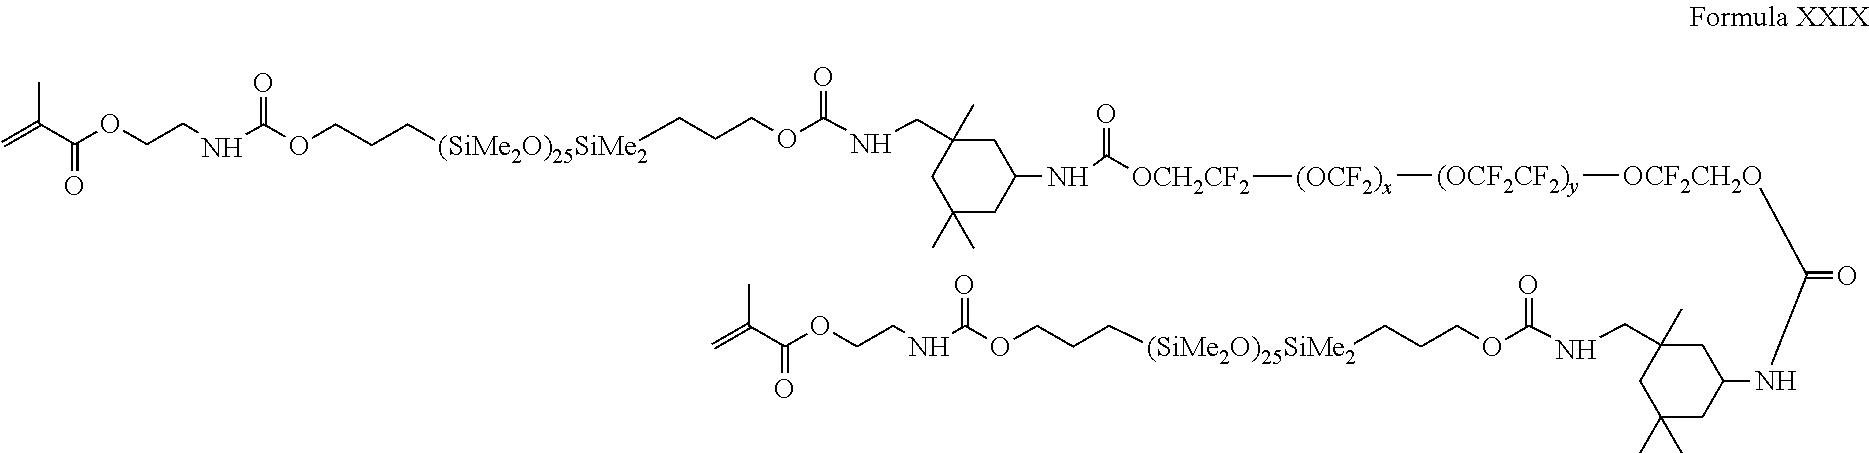 Figure US20180011223A1-20180111-C00010